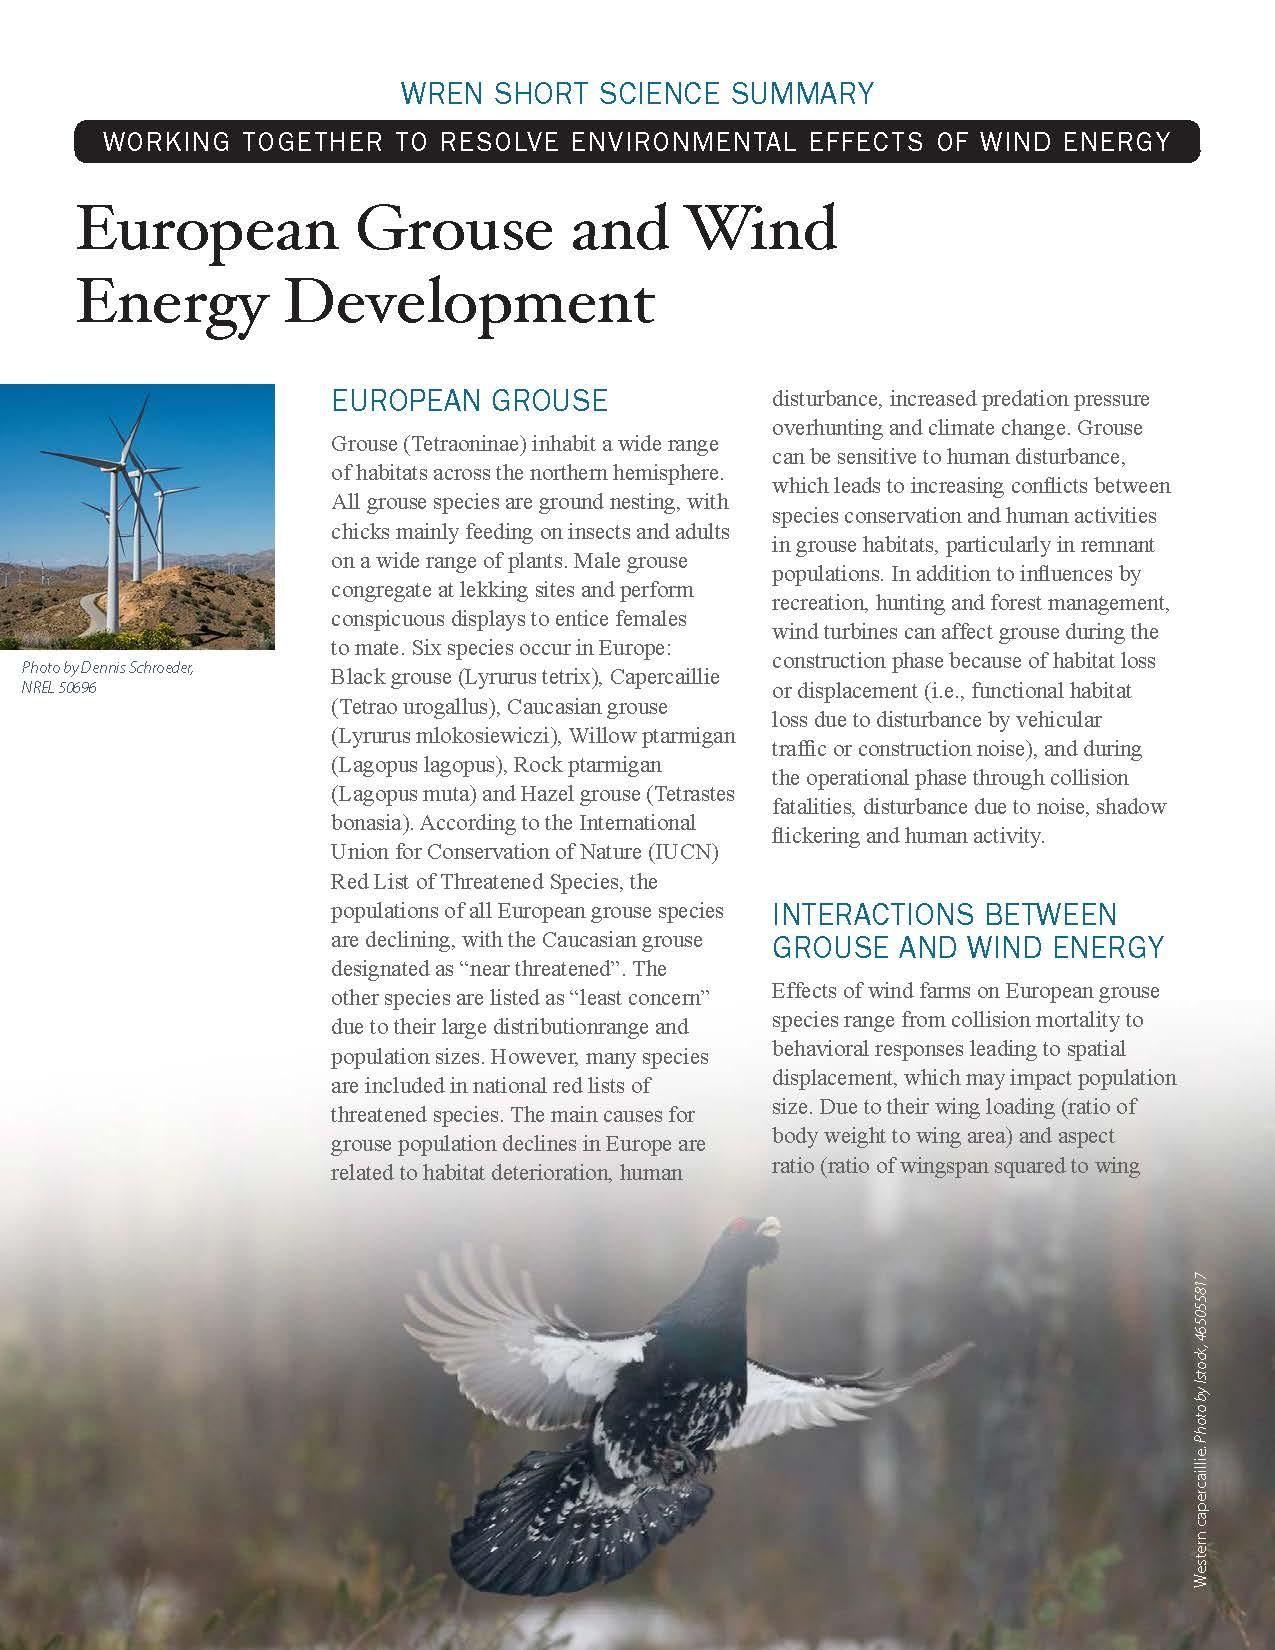 European Grouse Short Science Summary